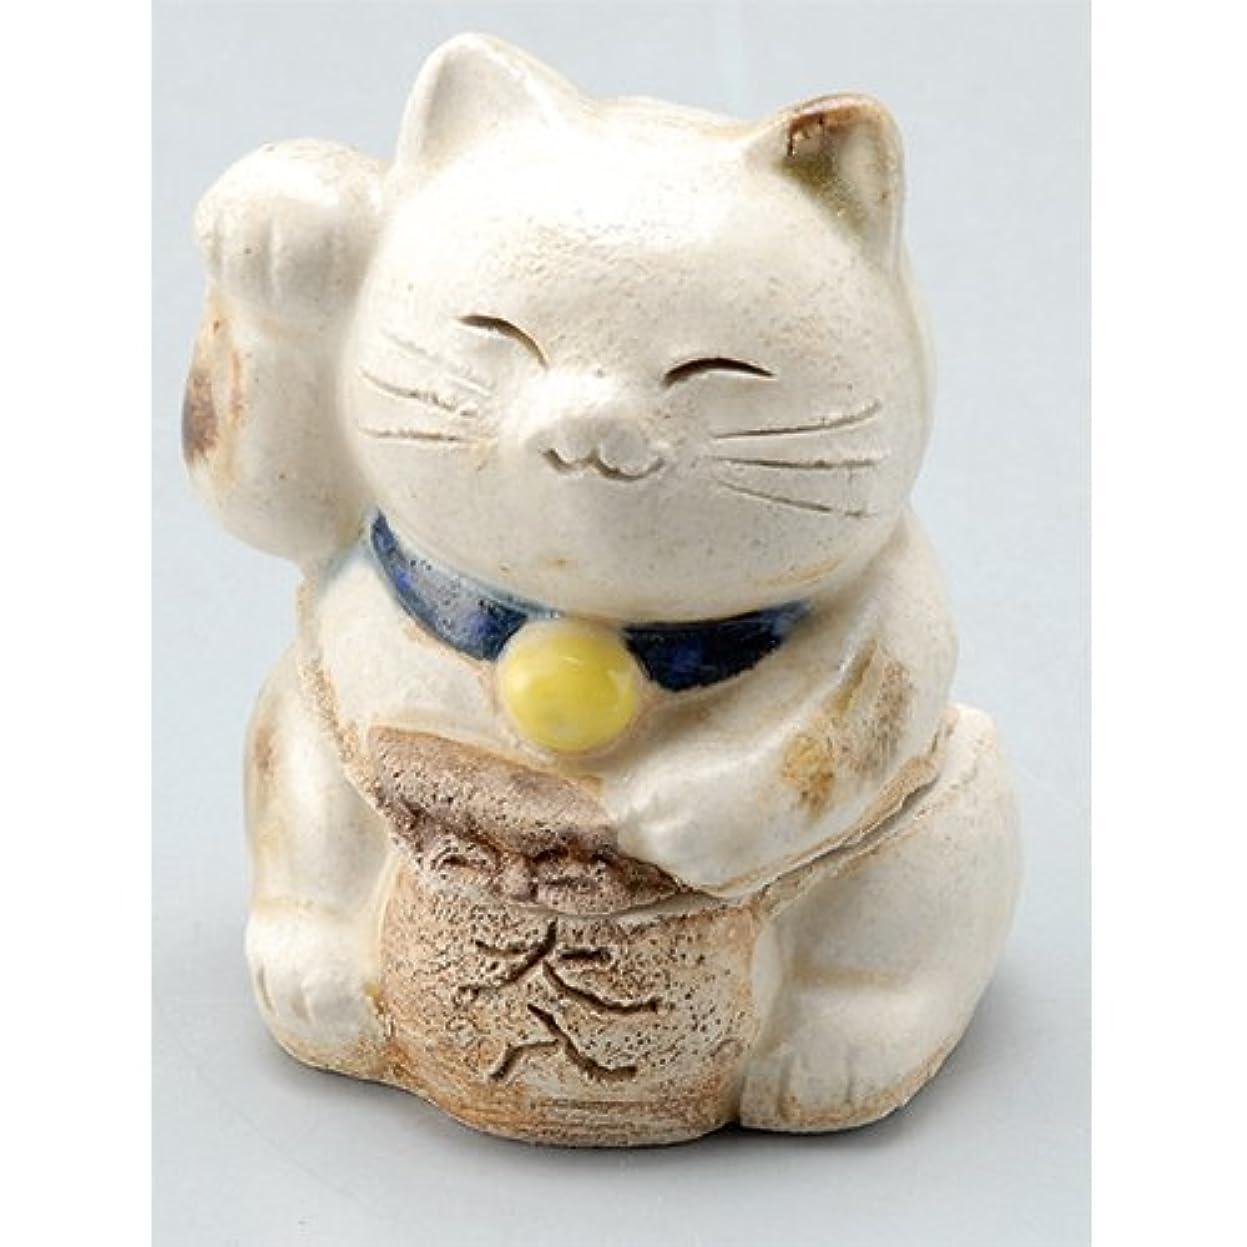 国懲戒カプセル香炉 飾り香炉(招き猫) [H7cm] HANDMADE プレゼント ギフト 和食器 かわいい インテリア